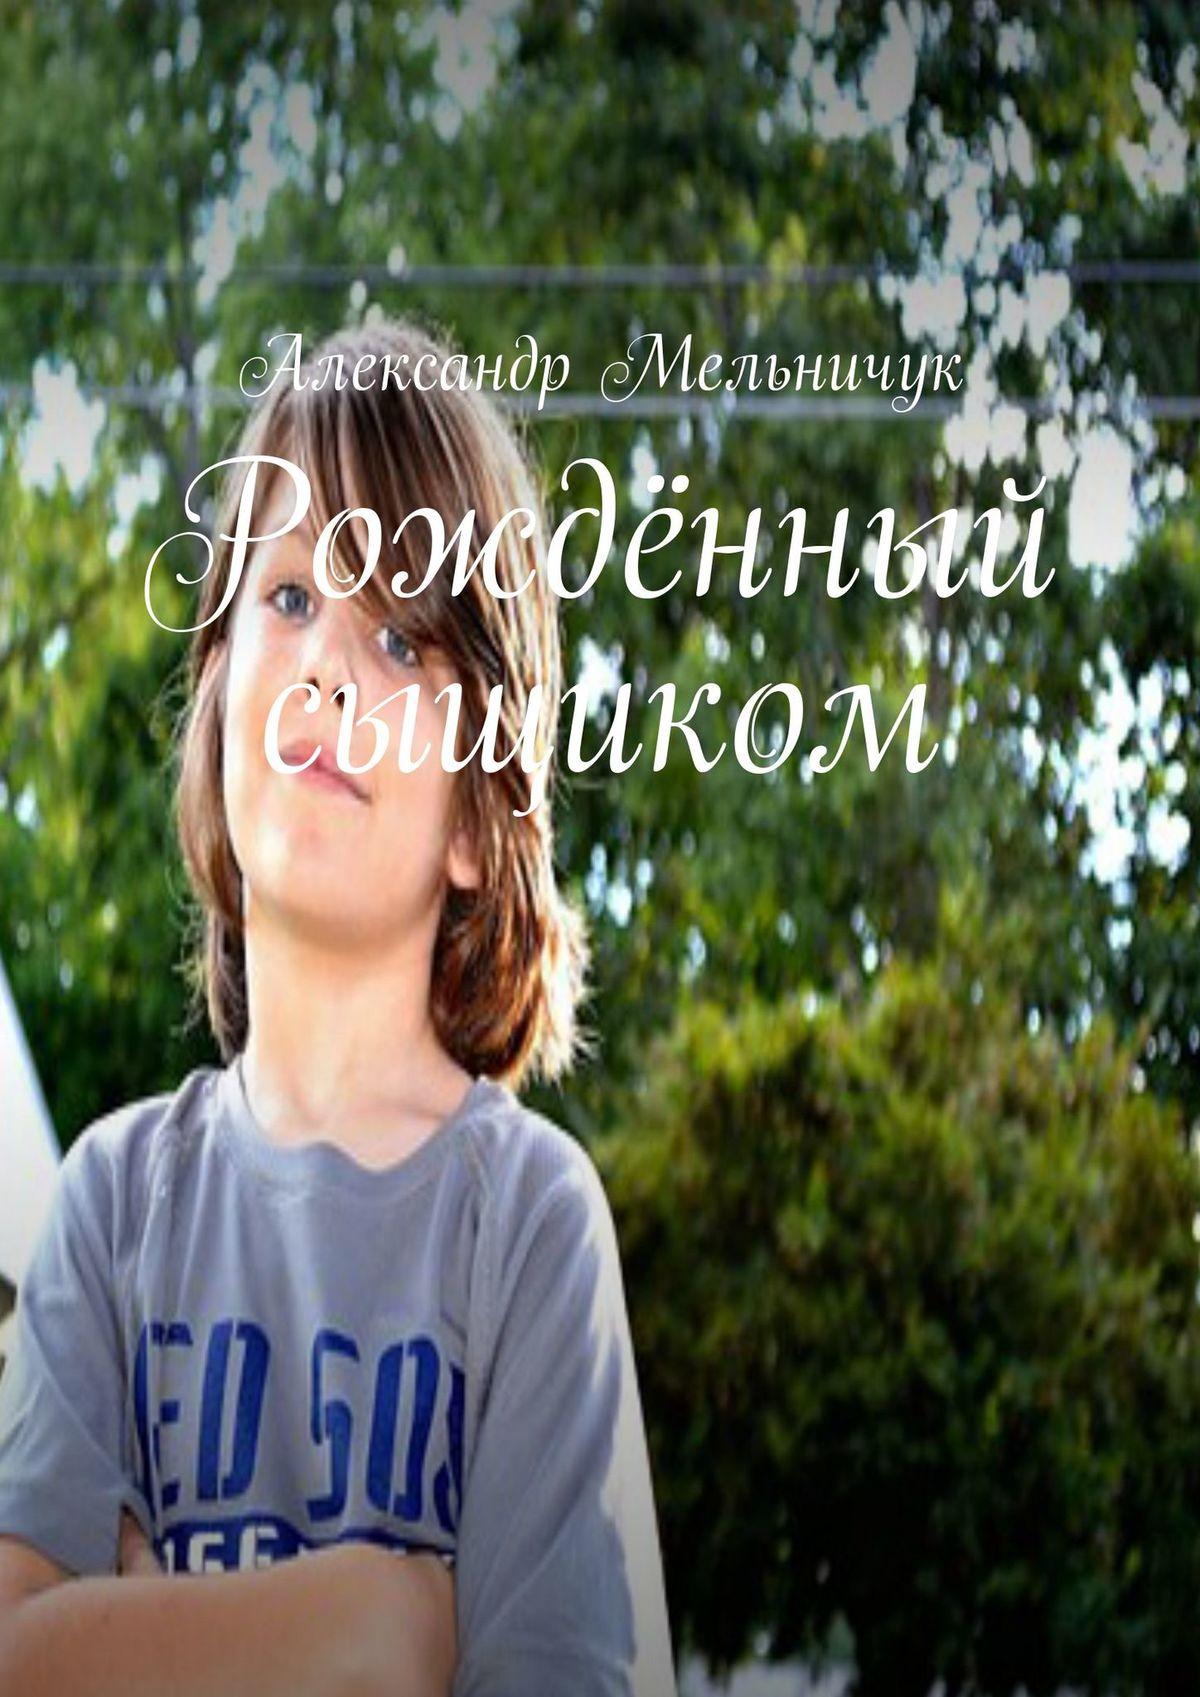 цена на Александр Мельничук Рождённый сыщиком